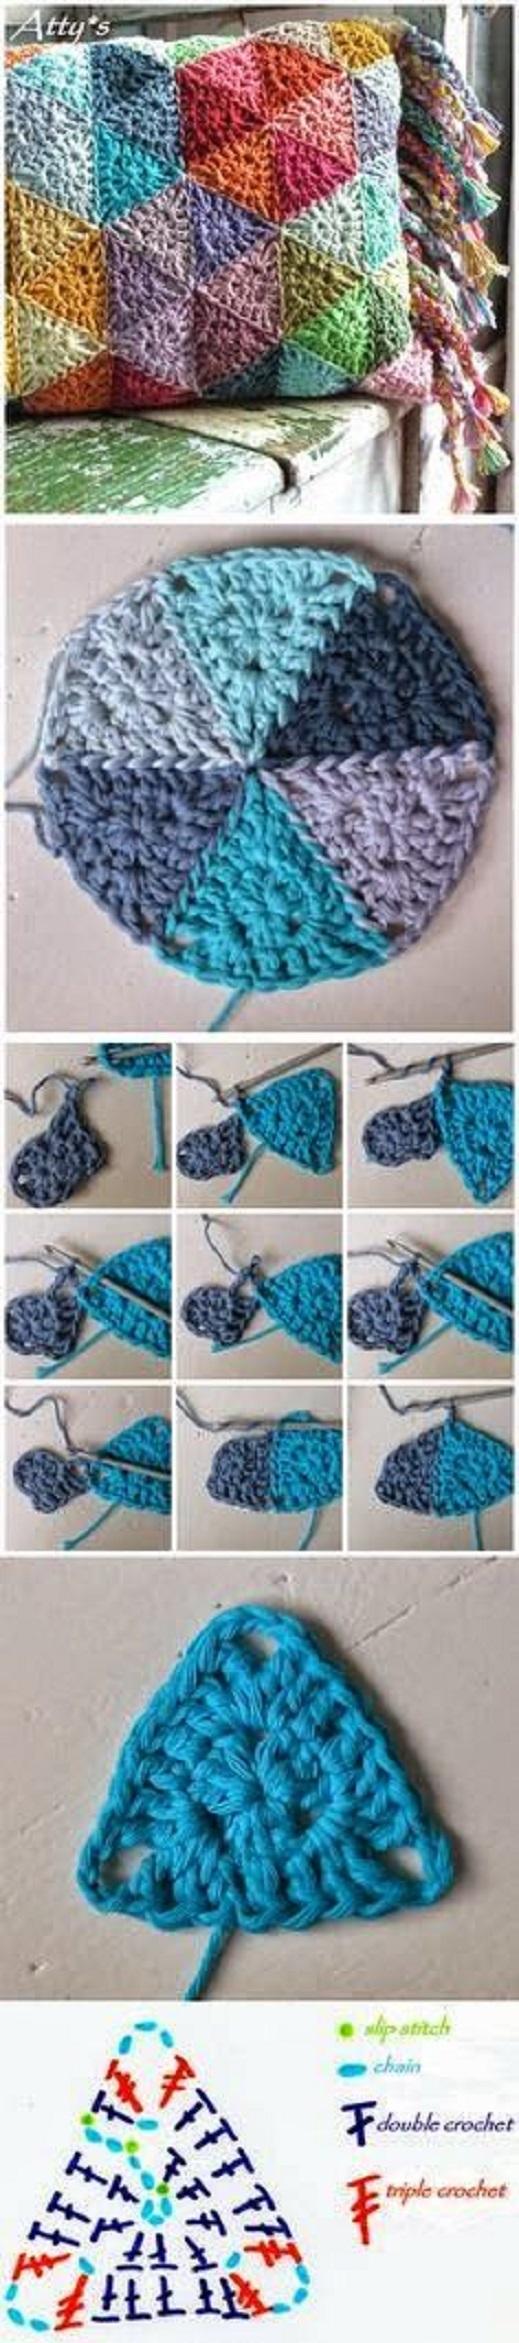 Gráficos para Cojines en crochet